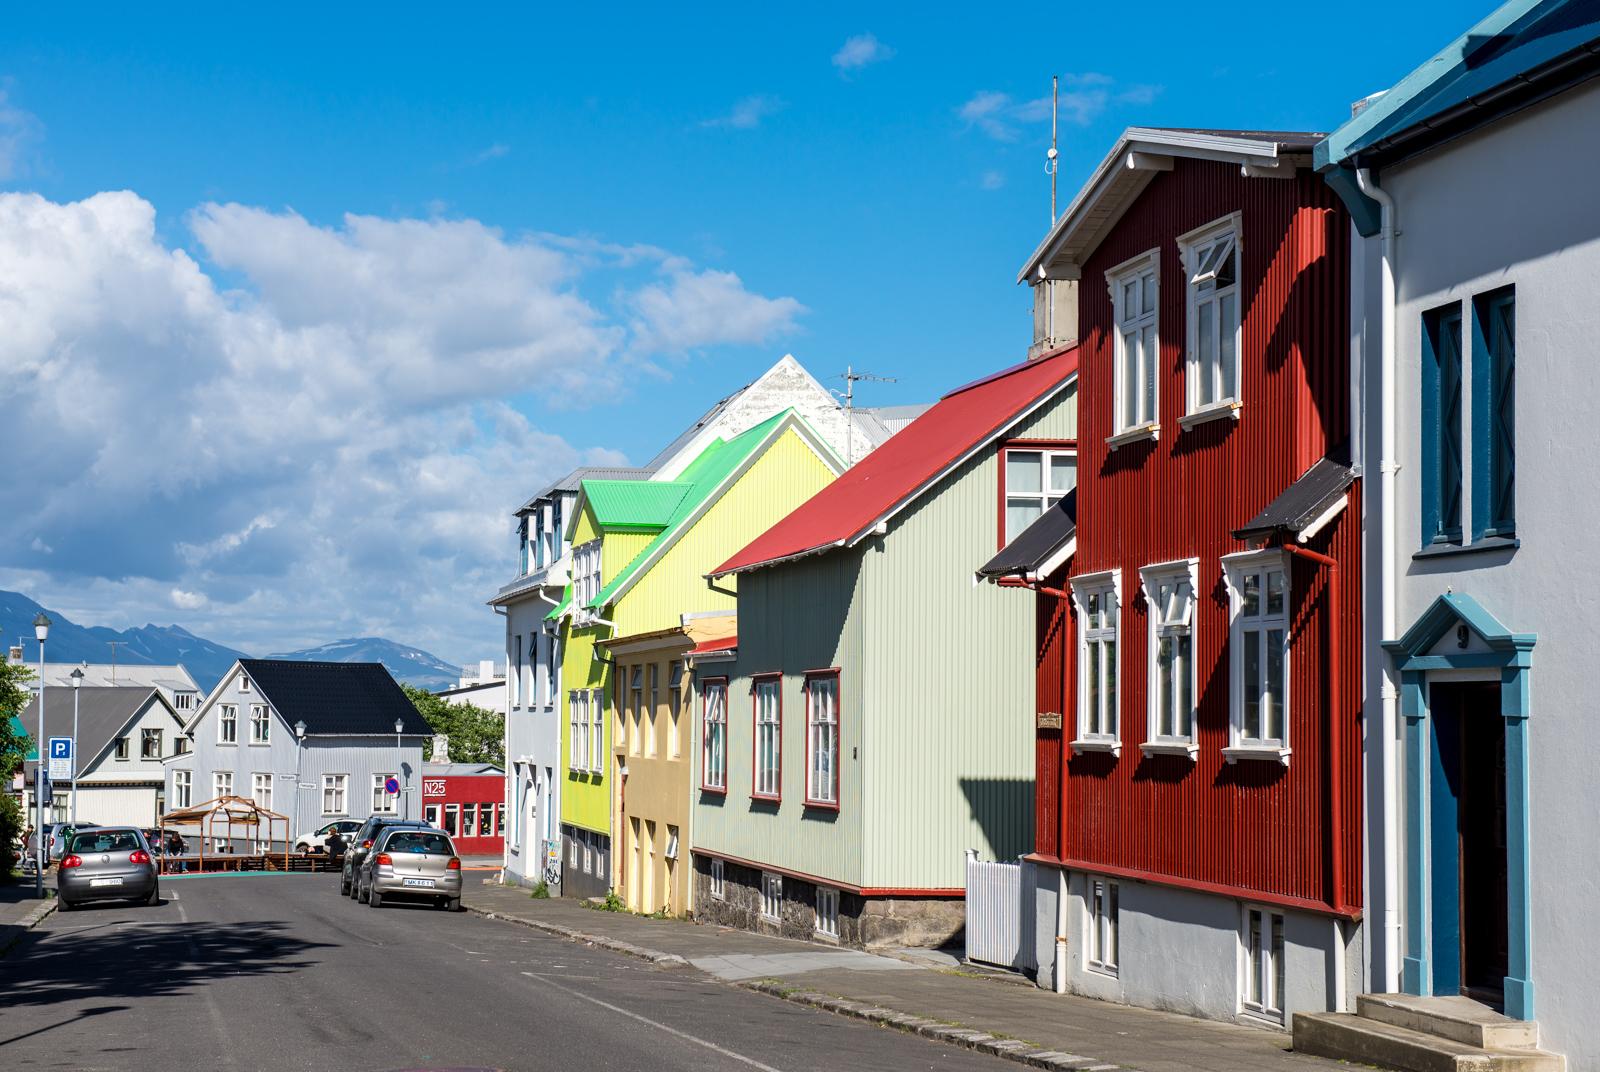 iceland_day_05_reykjavik-32.jpg